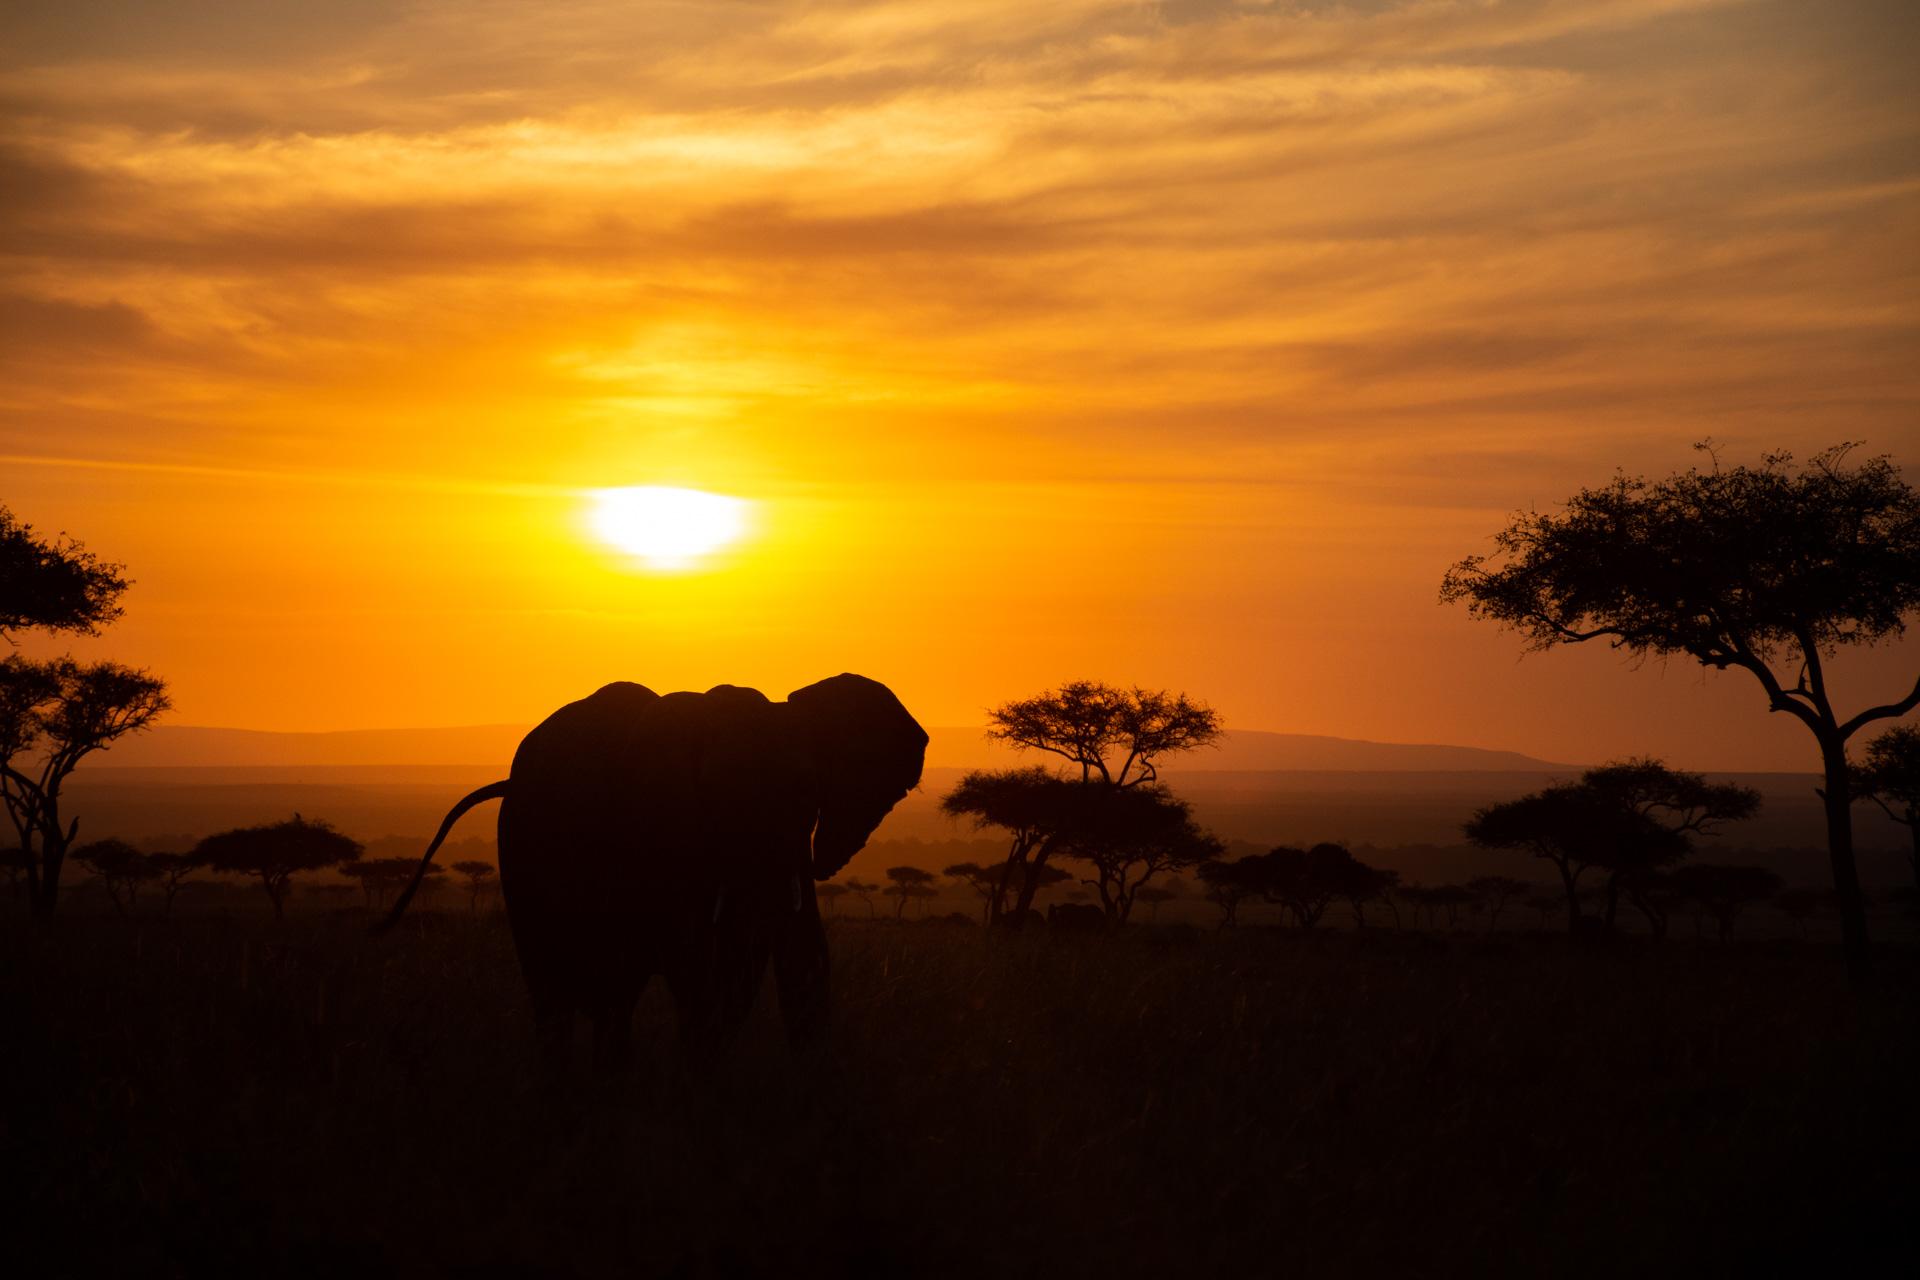 Orange sunrise with elephants